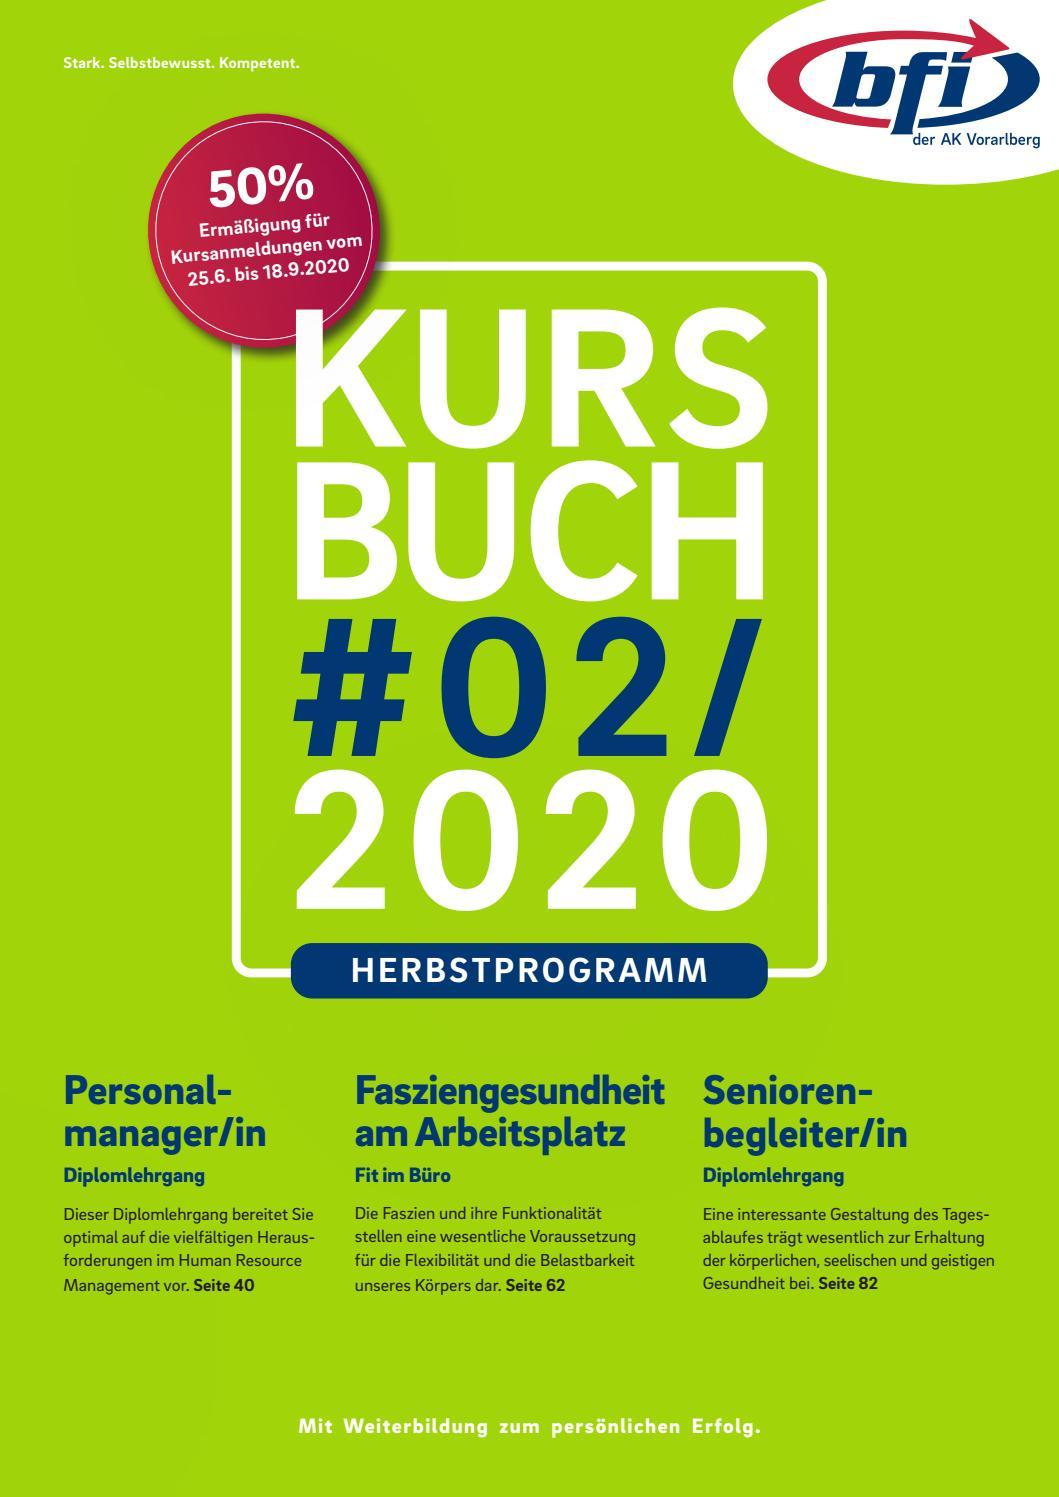 BFI Kursbuch Herbst 20 by BFI der AK Vorarlberg   issuu